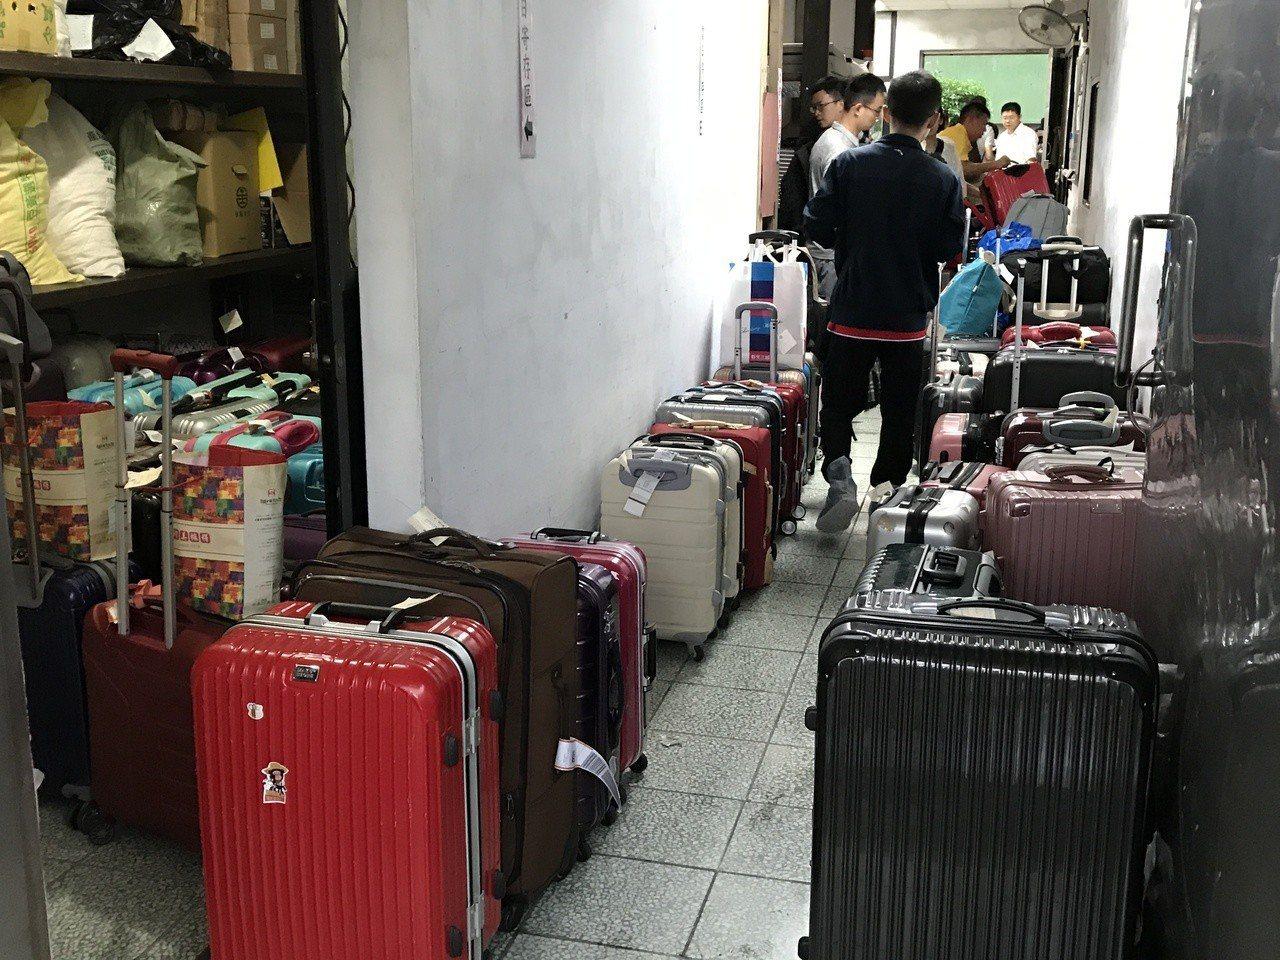 拜大陸十一長假之賜,瑞芳車站行李房再次客滿。記者吳淑君/攝影